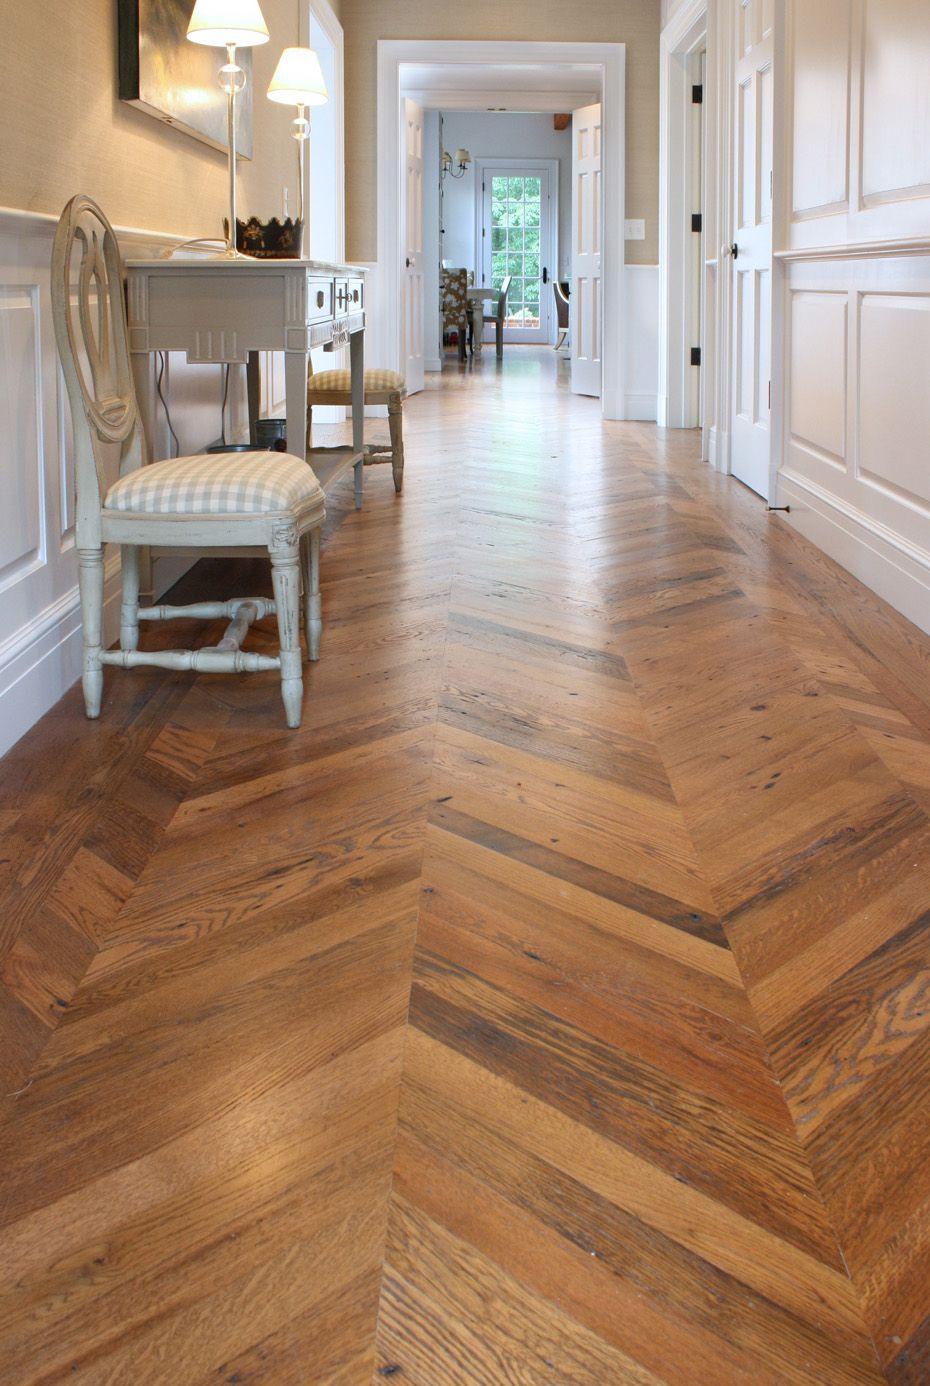 Custom Chevron Wooden Floors Wood floor design, Wood